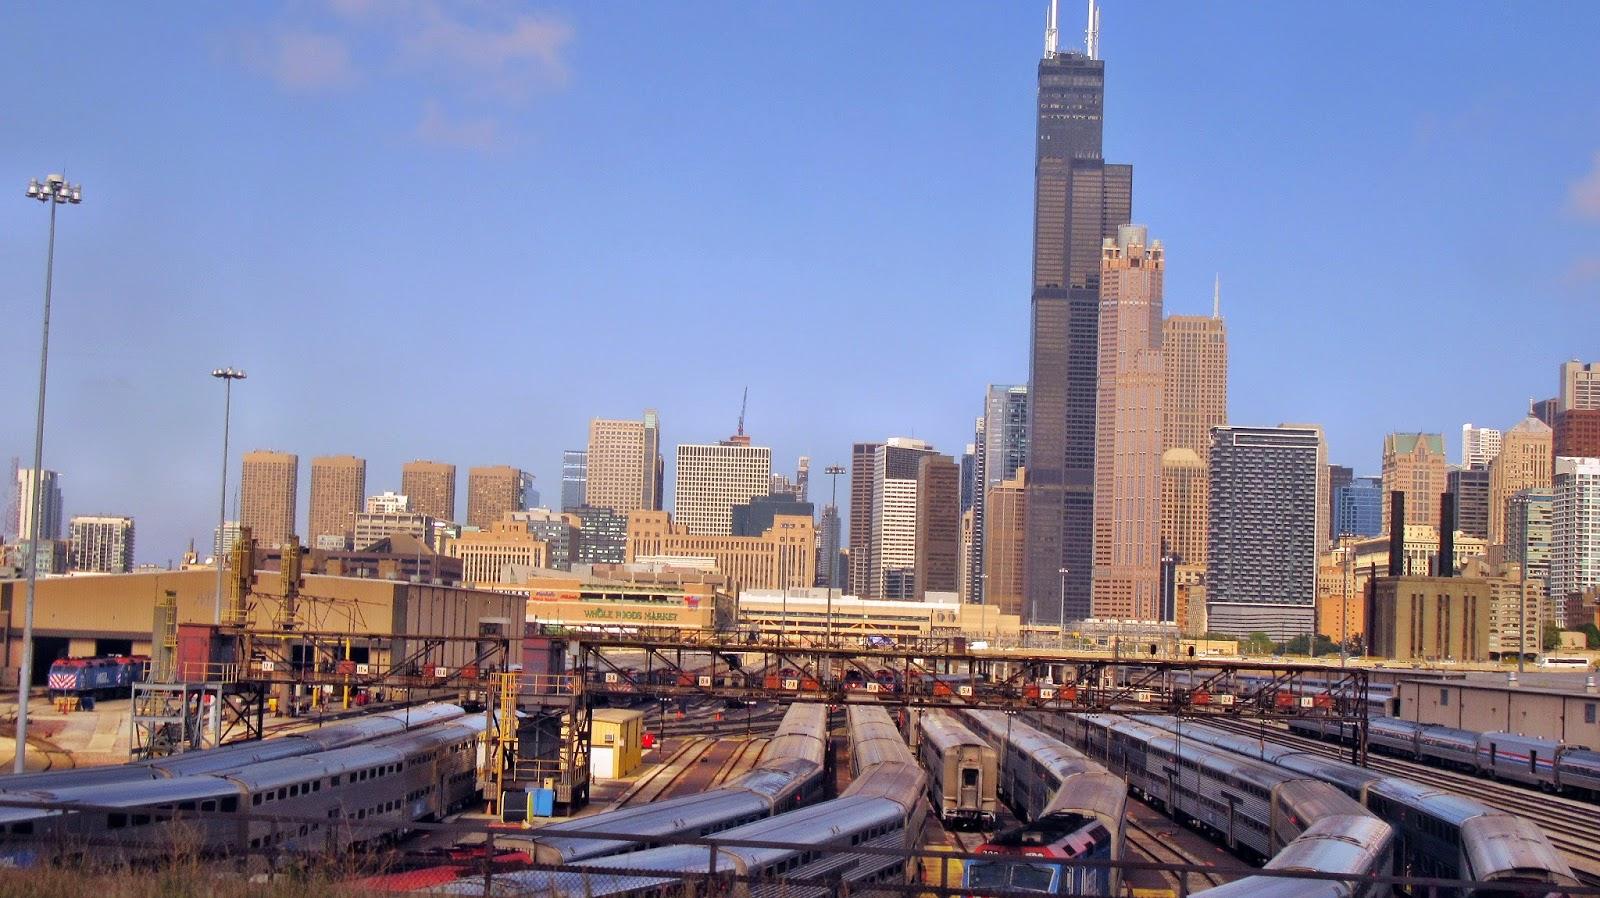 Chicago Hot Dog Union Station